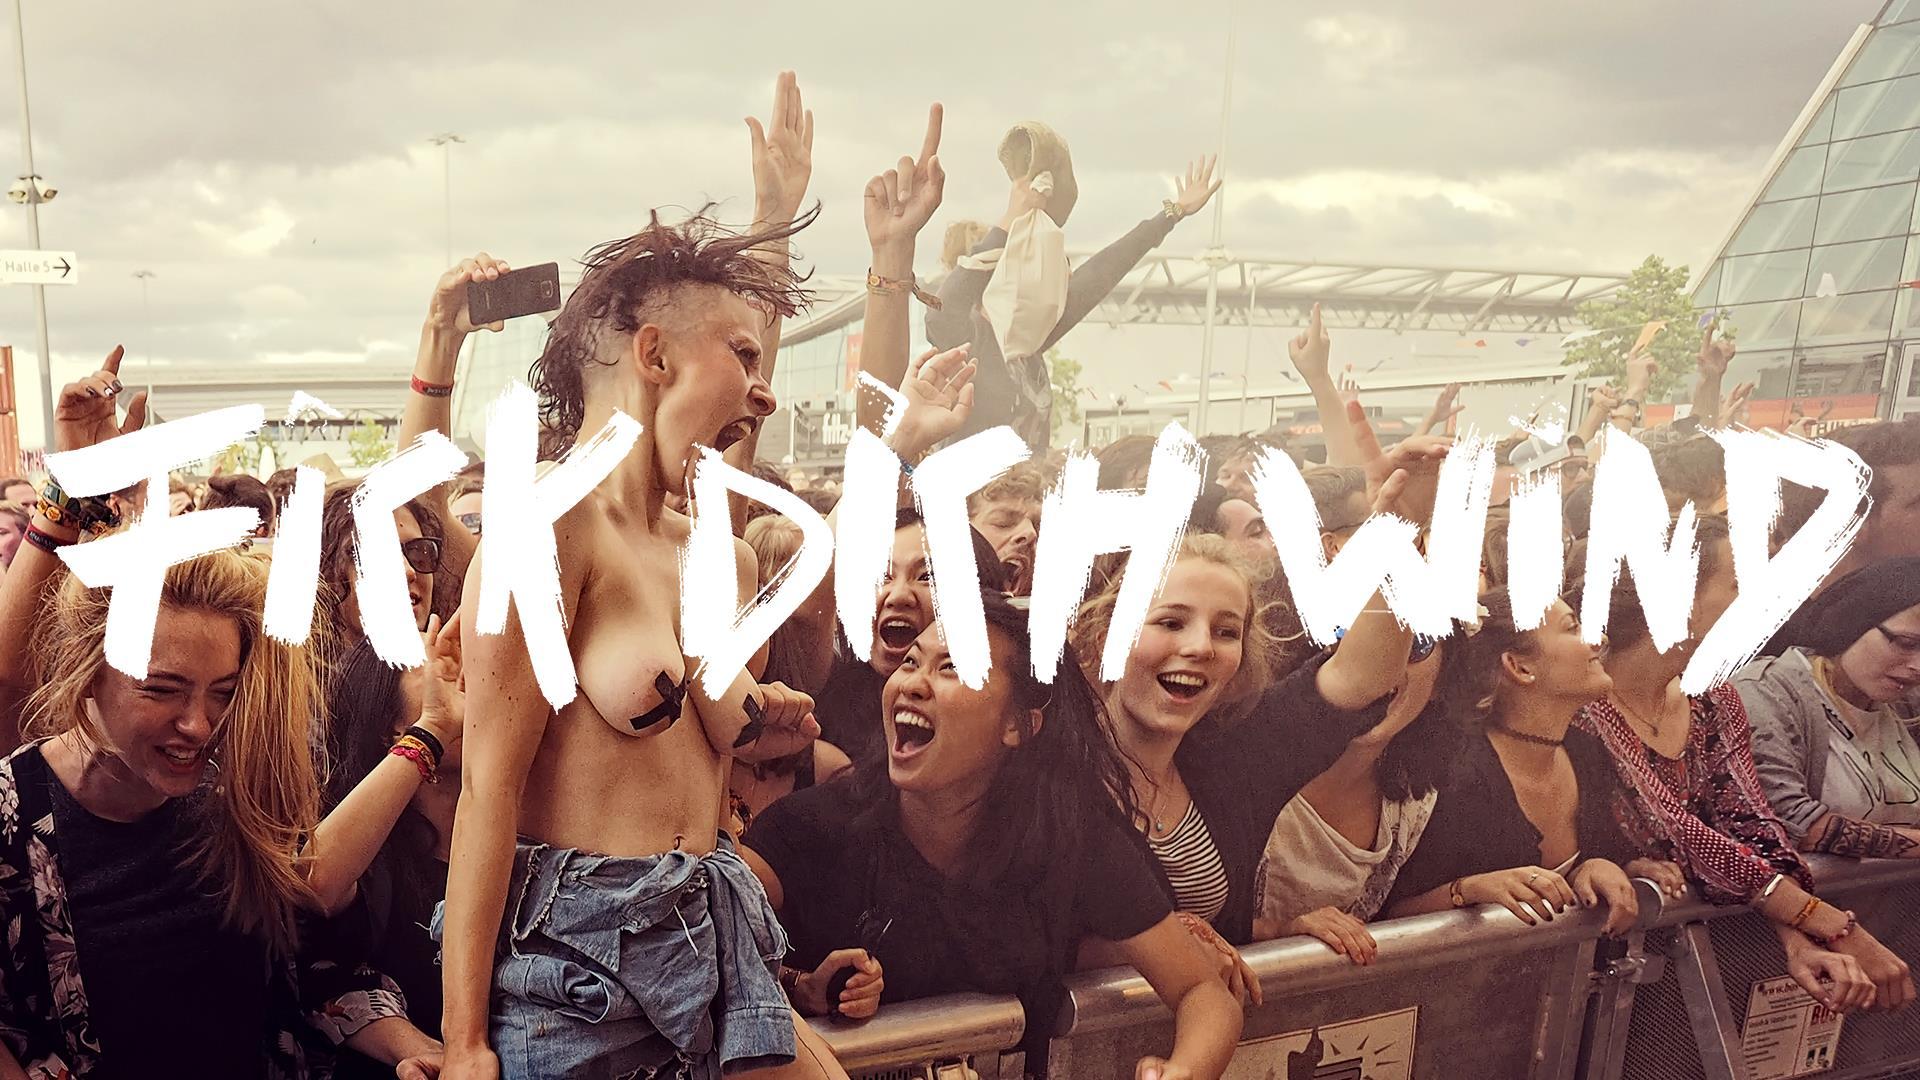 Fick dich Wind: Stuttgart Festival 2016